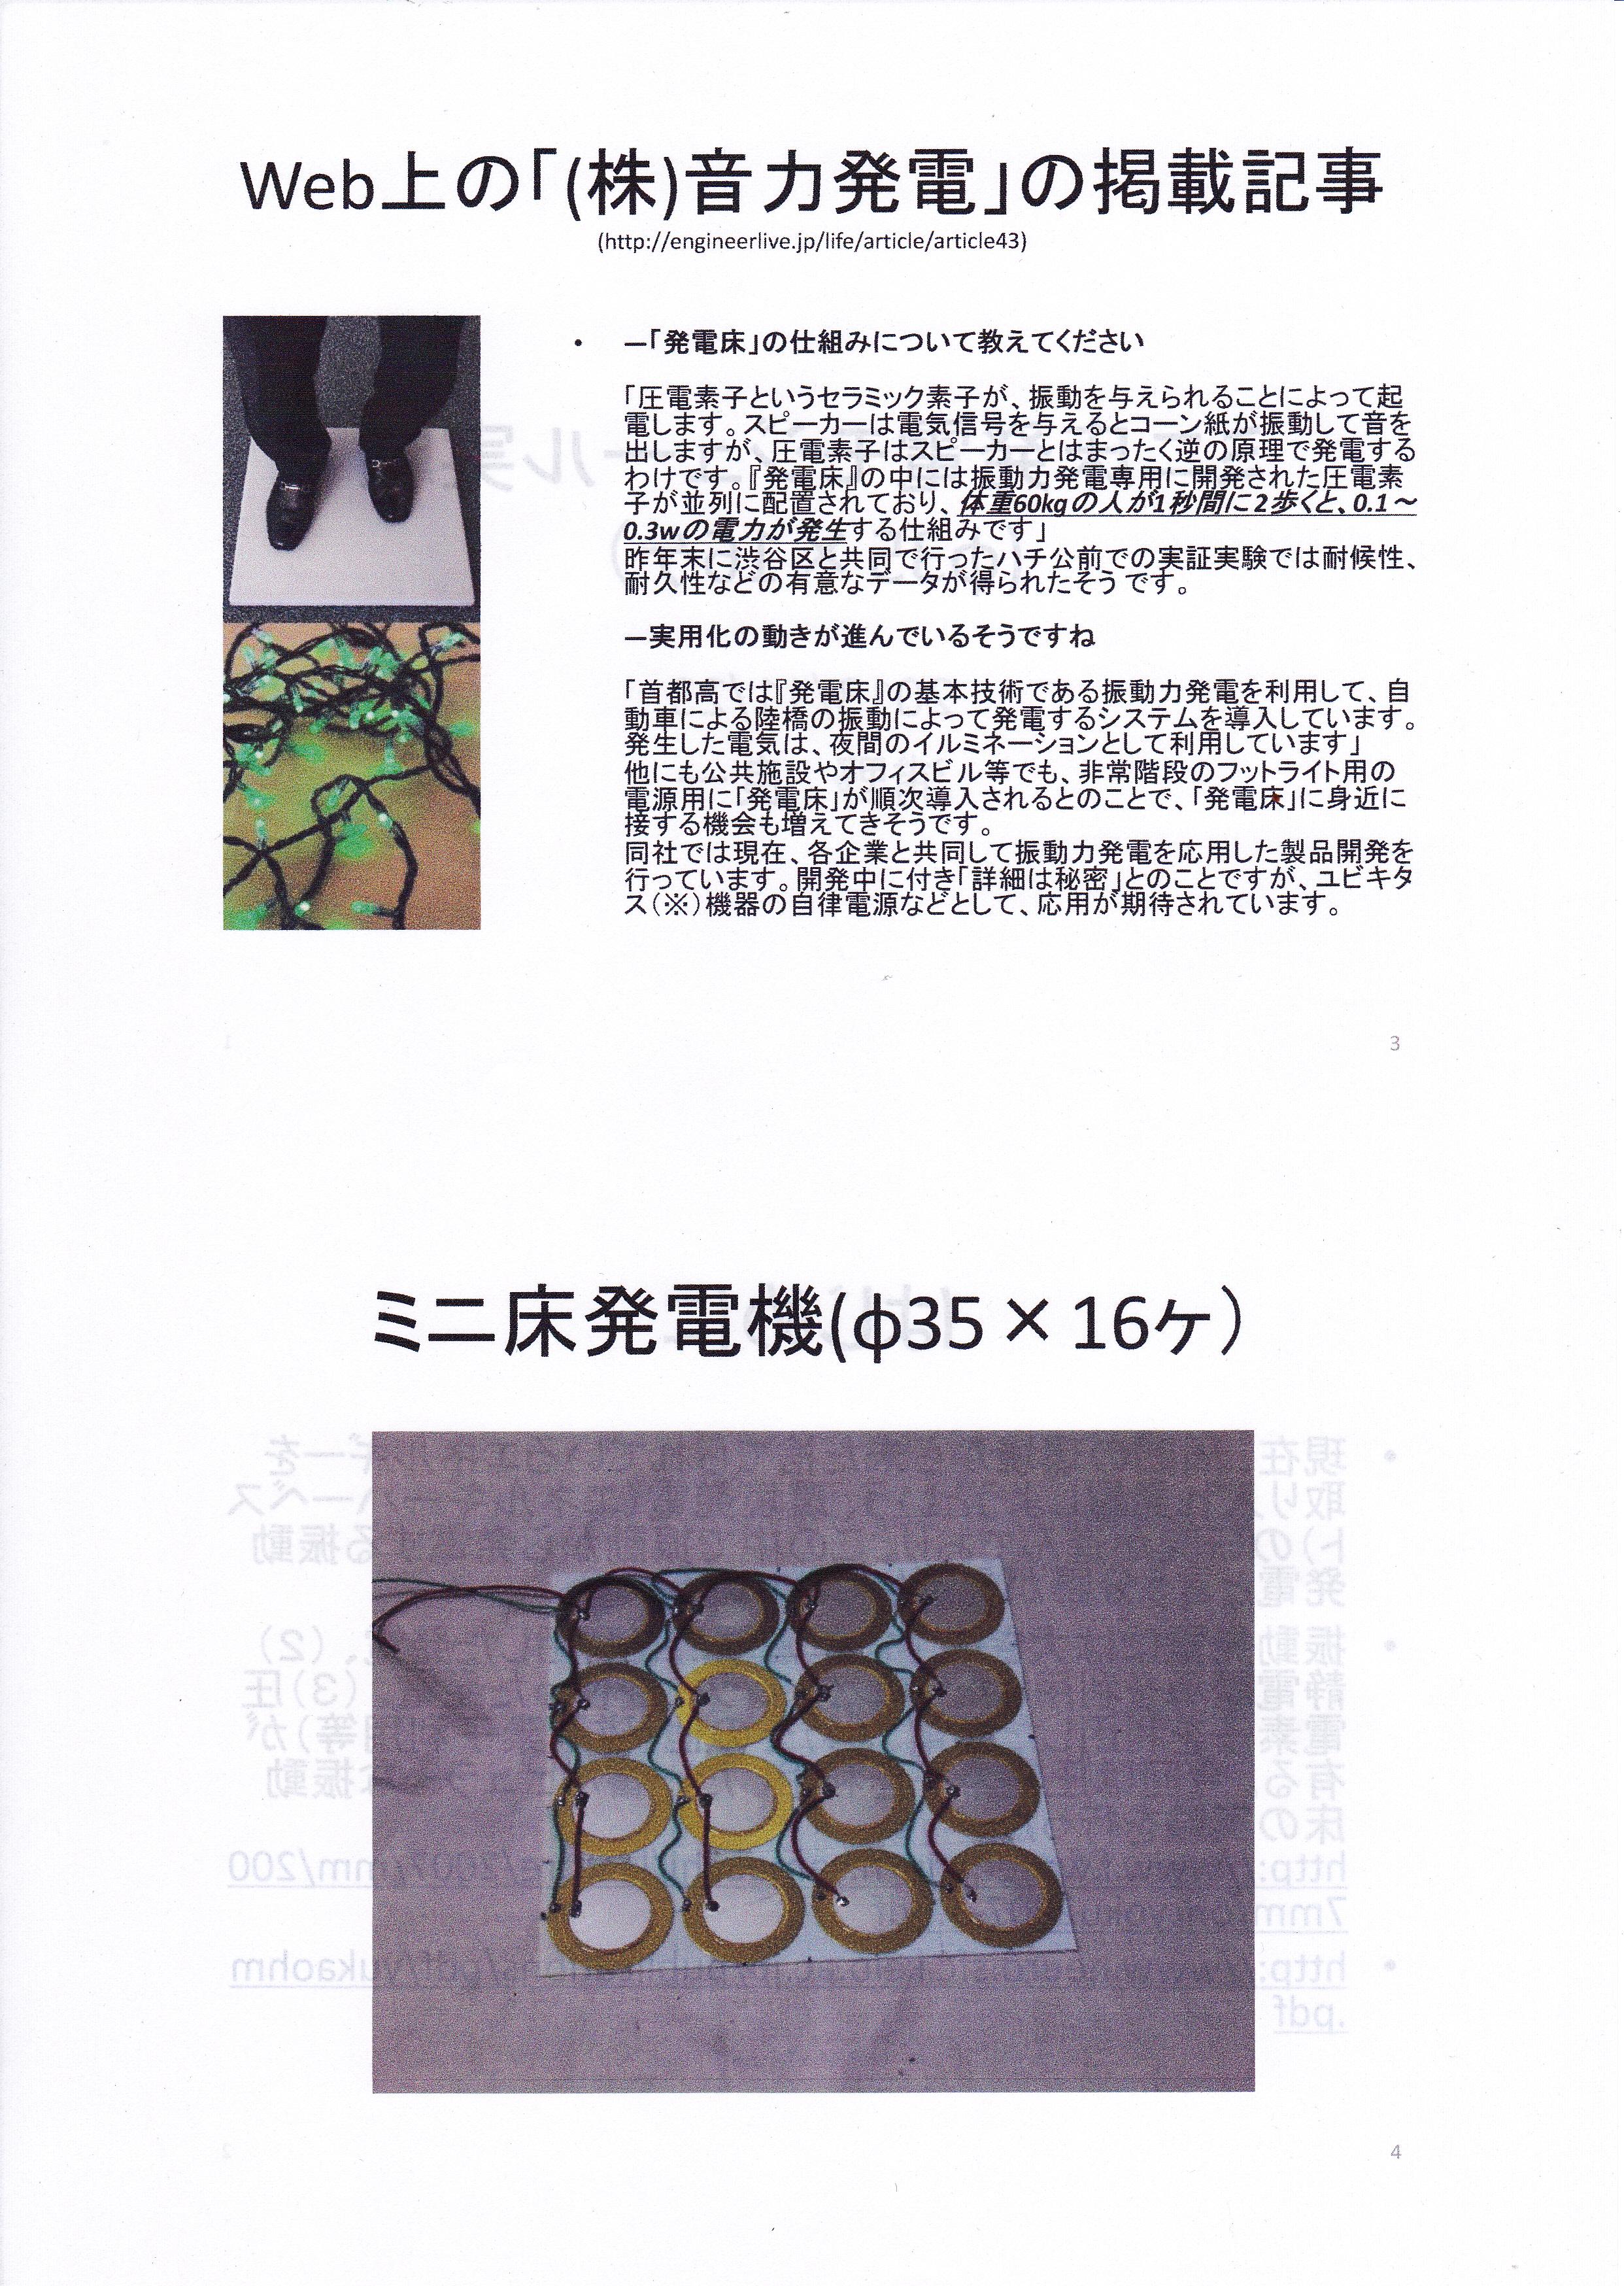 ミニ床発電モジュール実験2